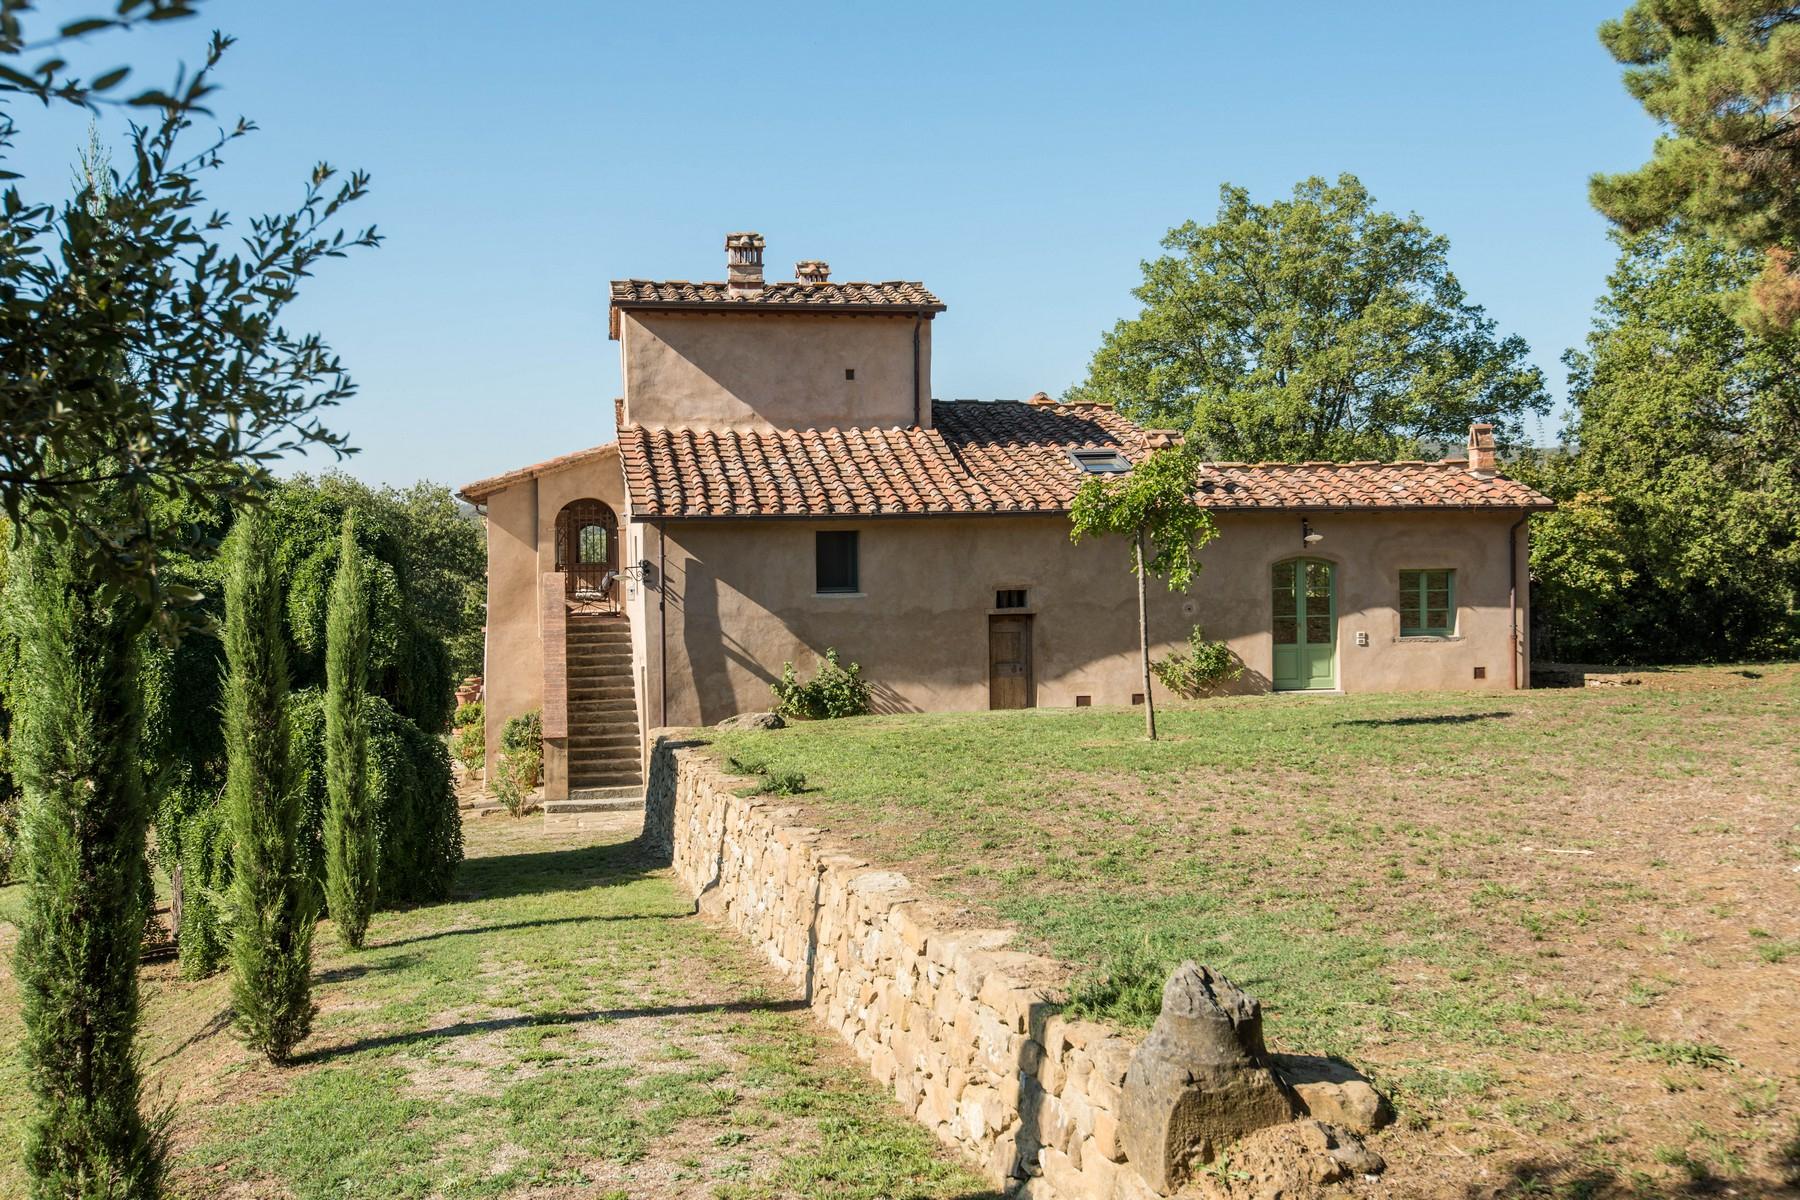 Villa in Vendita a Monte San Savino: 5 locali, 340 mq - Foto 13